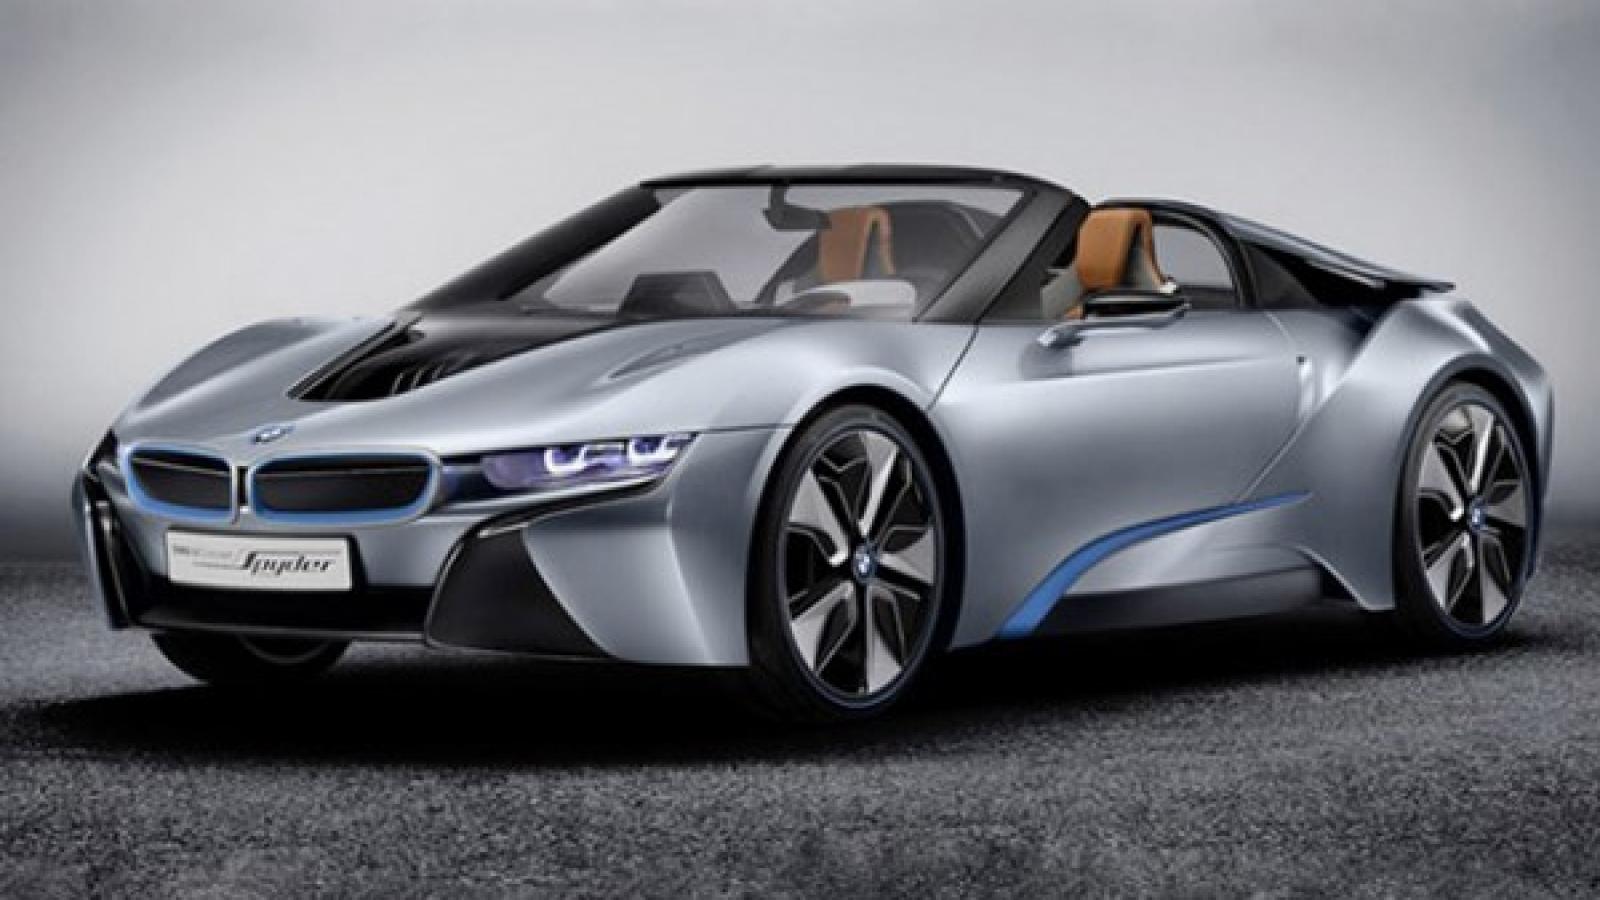 ب امو i8 رودستر از سال 2018 تولید خواهد شد - اجاره خودرو طباطبایی